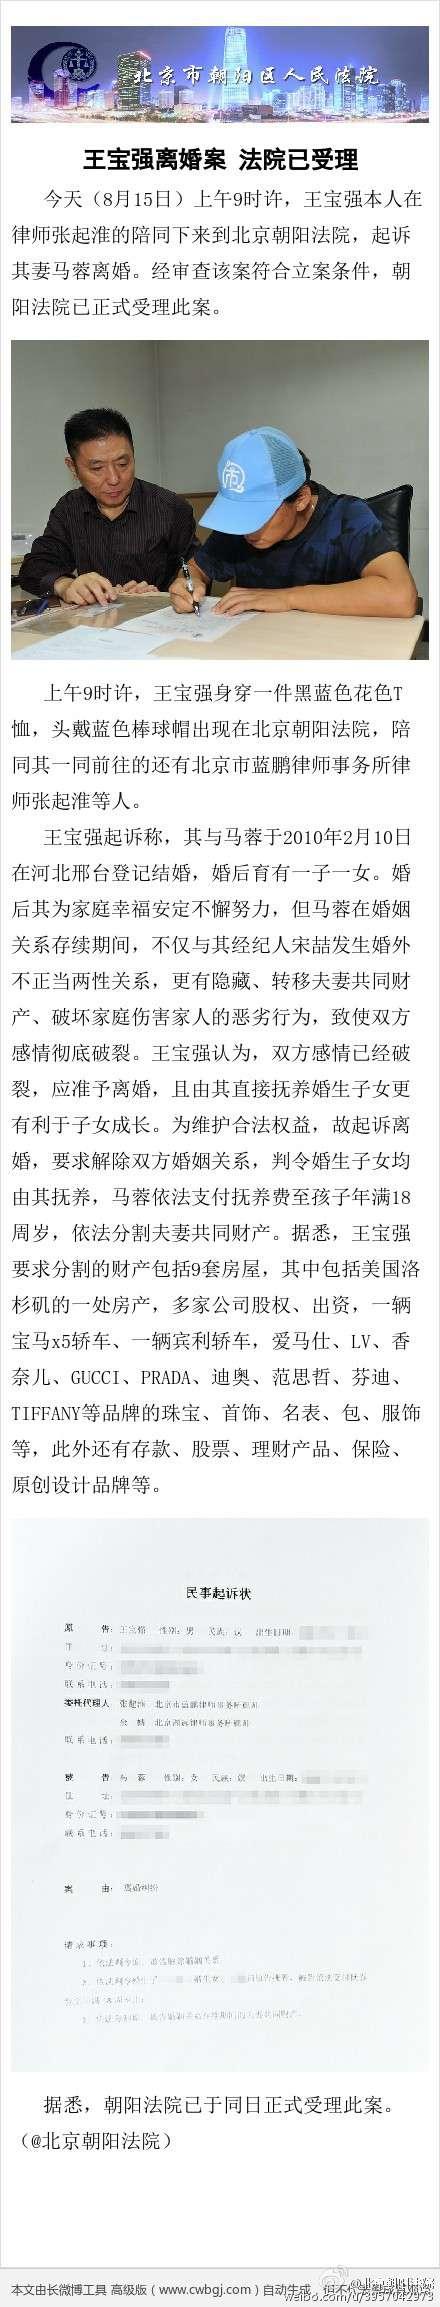 王宝强资料 王宝强律师是谁 王宝强起诉离婚律师张起淮个人资料微博